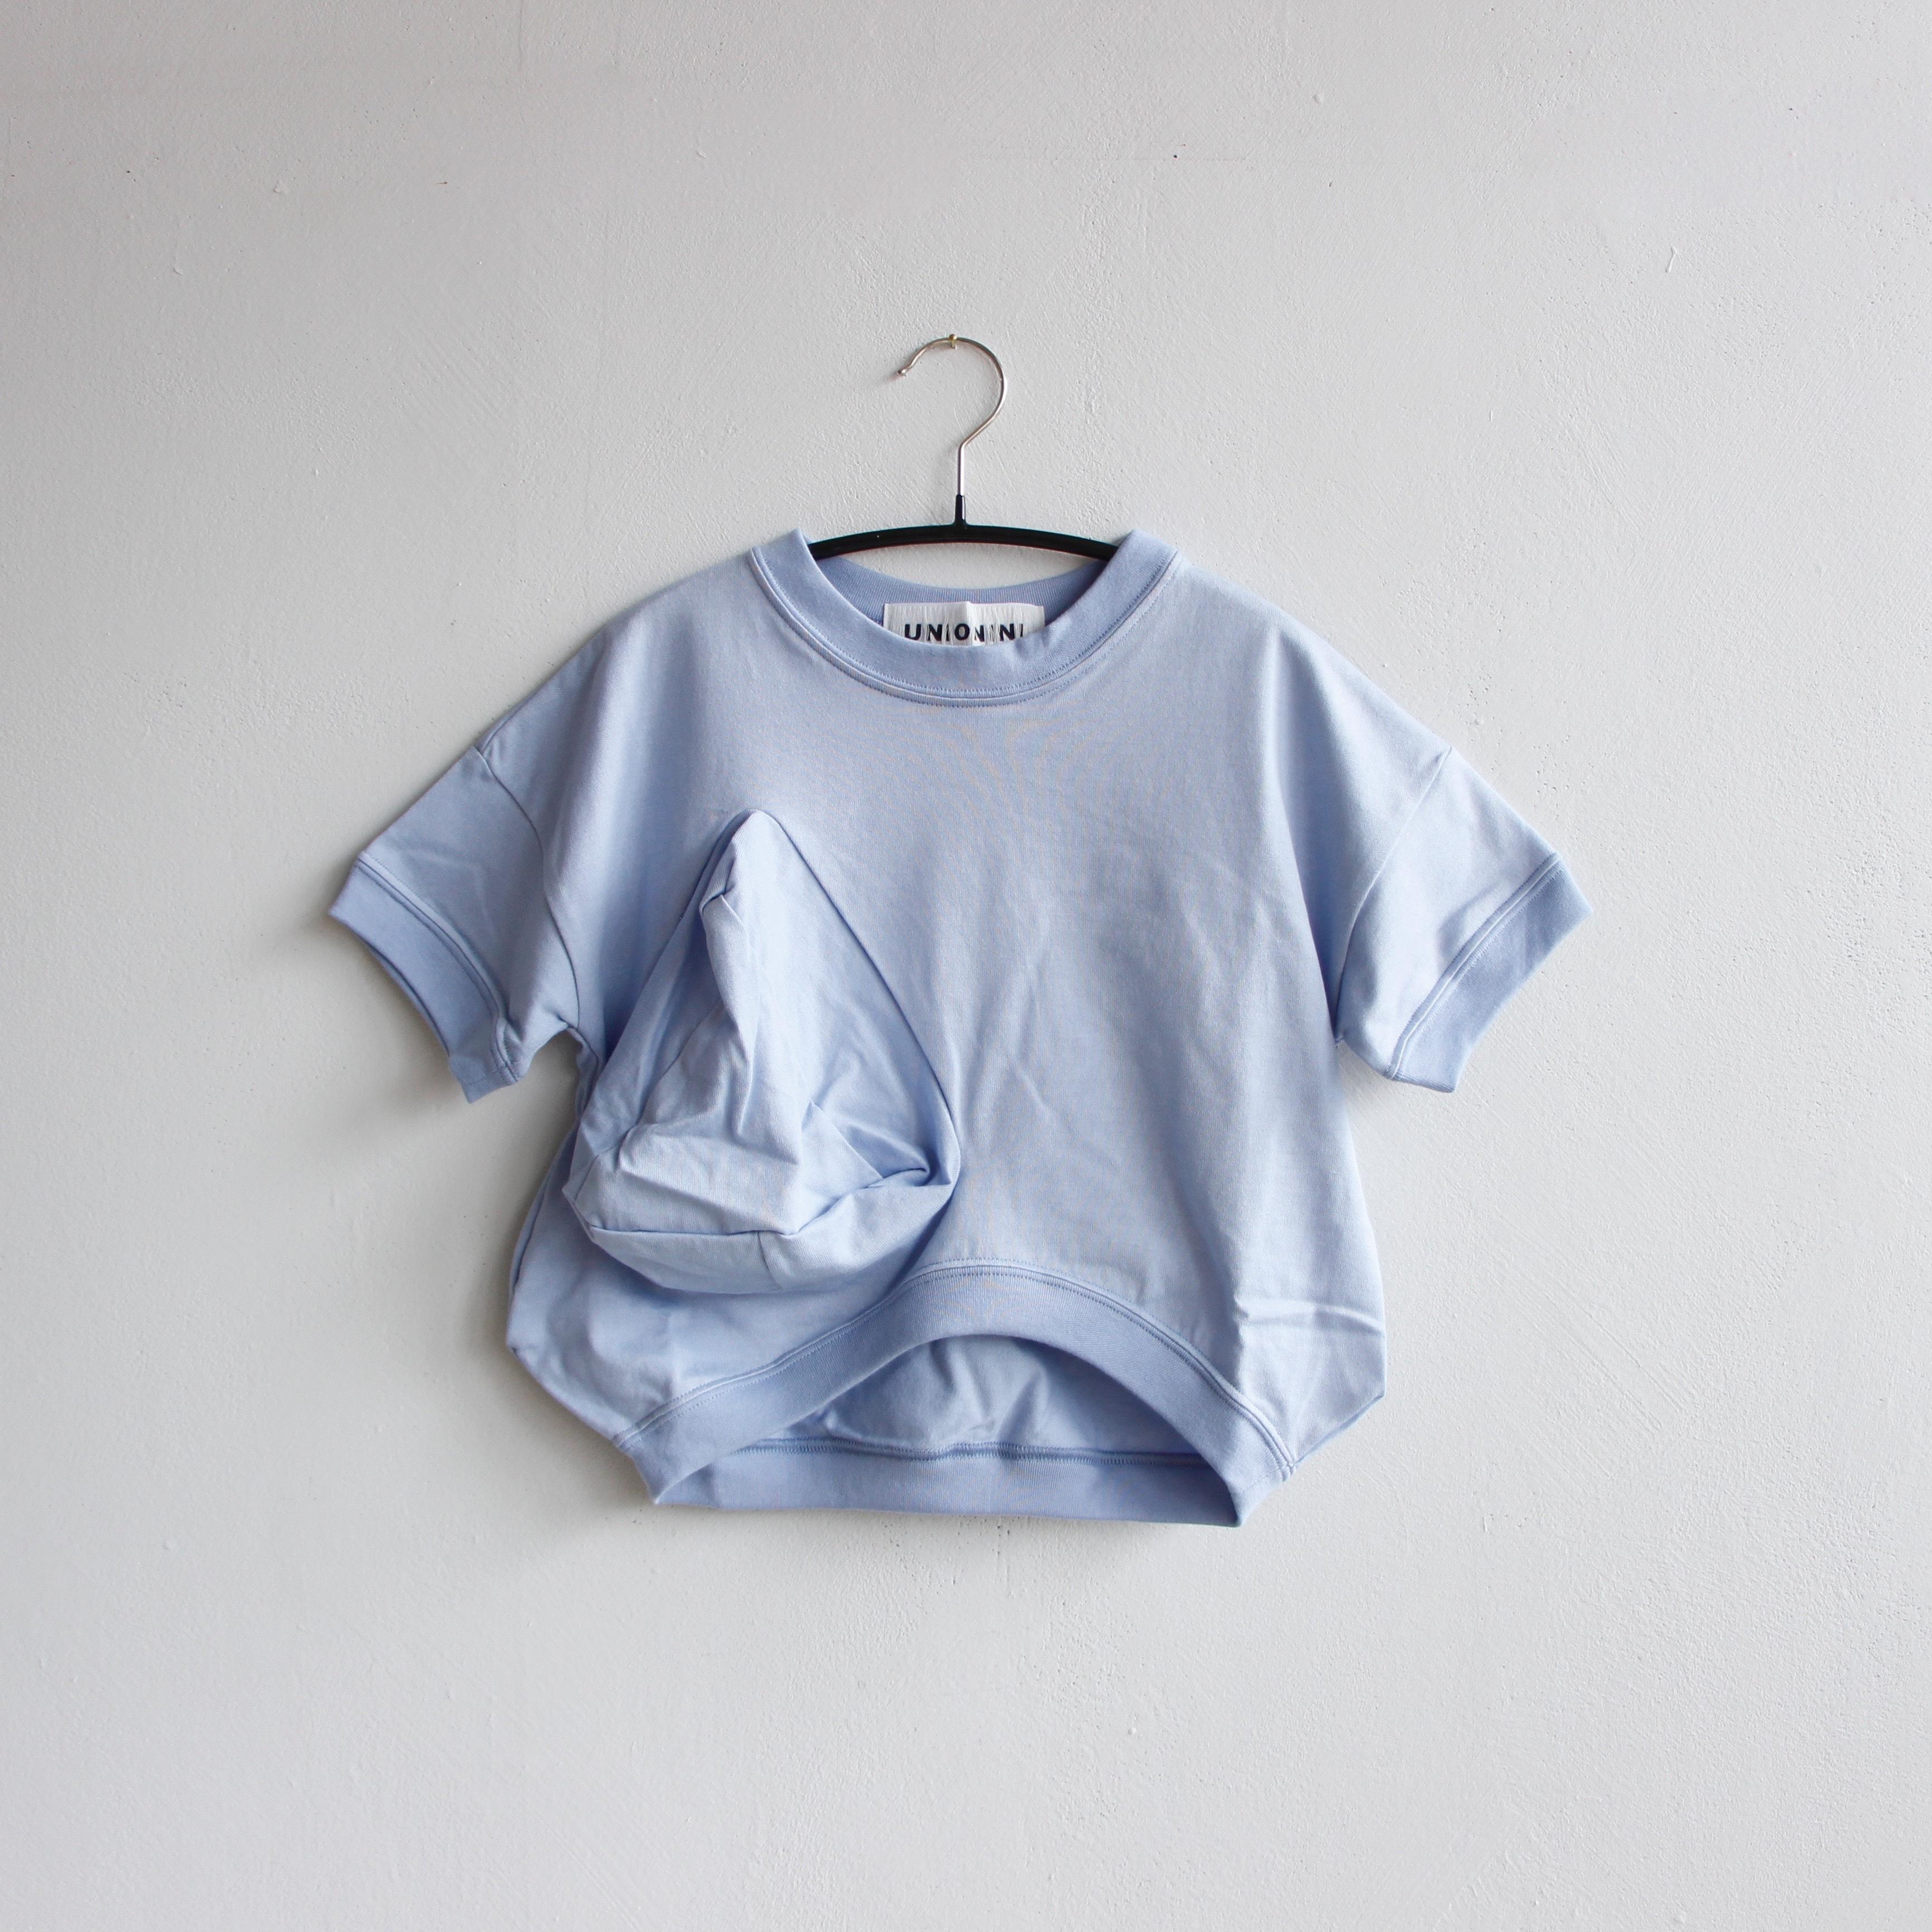 《UNIONINI 2020SS》◯△ T-shirt / mizuiro